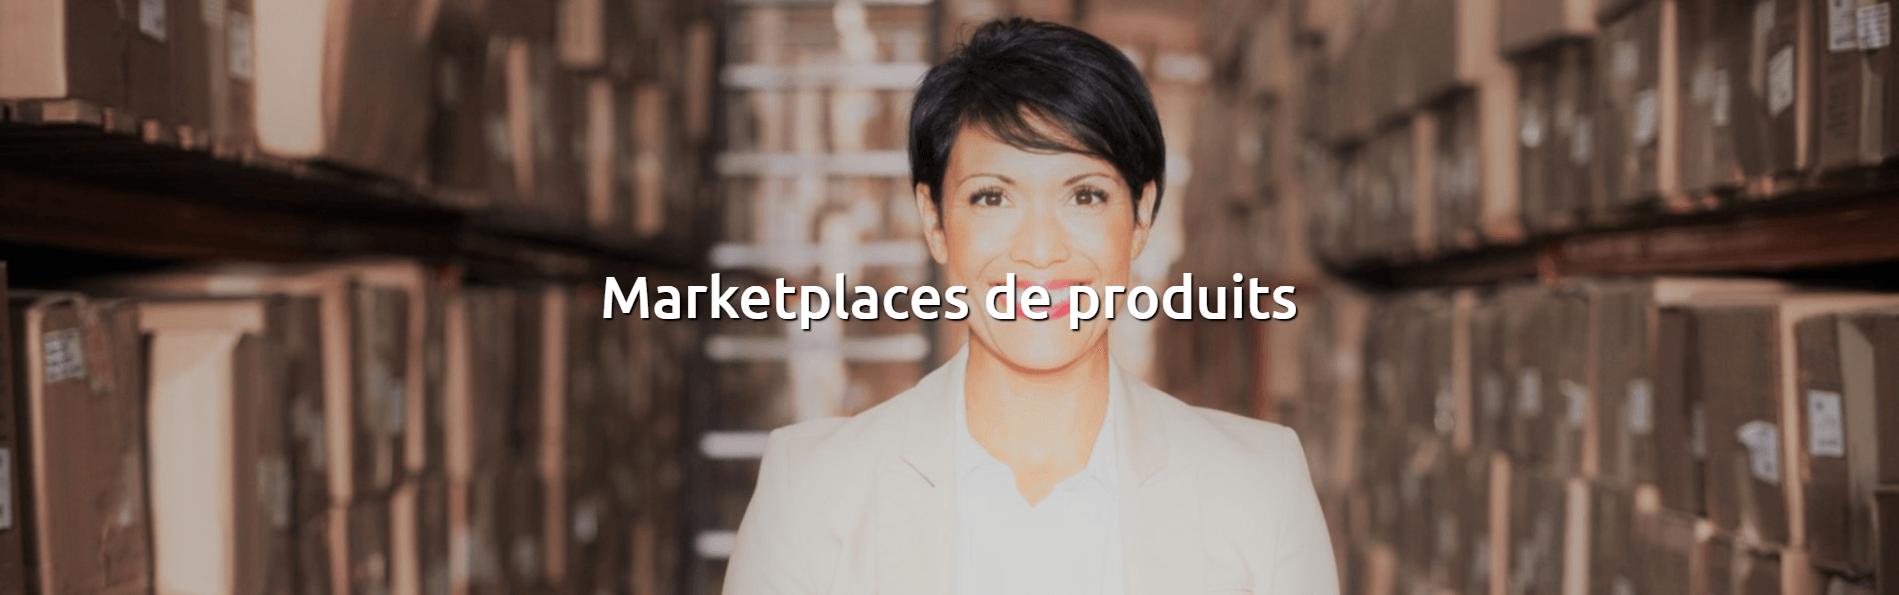 Marketplace de produits